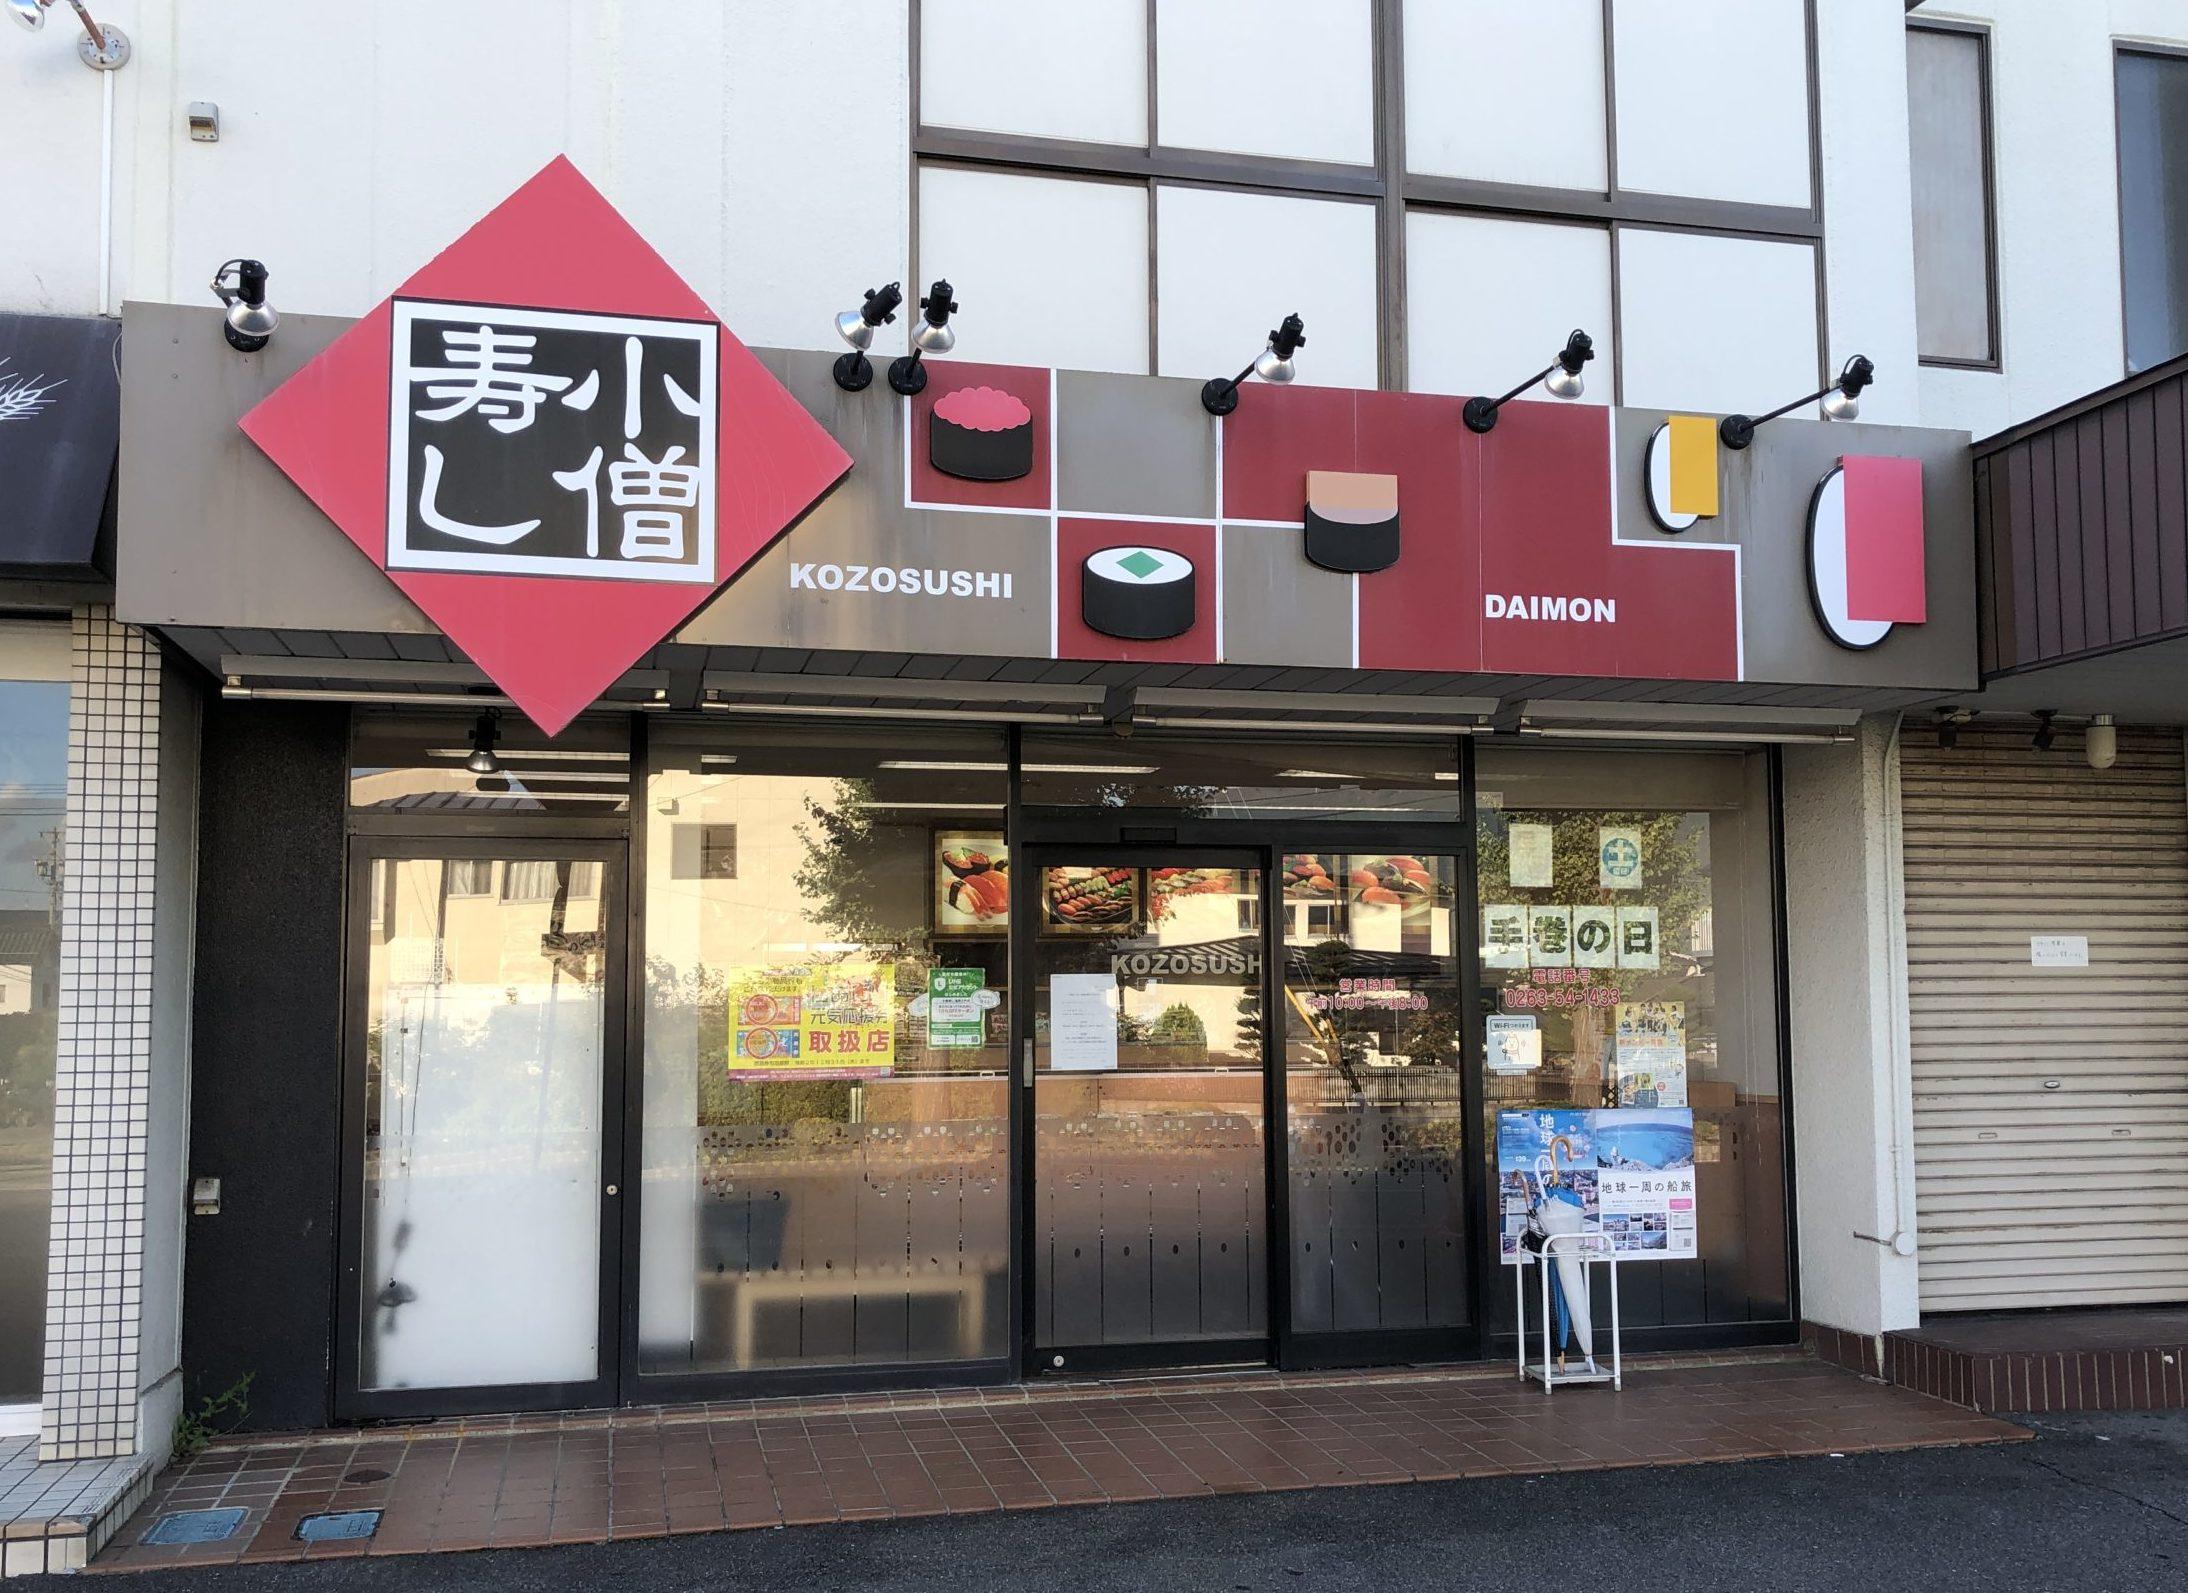 「小僧寿し」塩尻大門店よ、負けるな頑張れッ!!